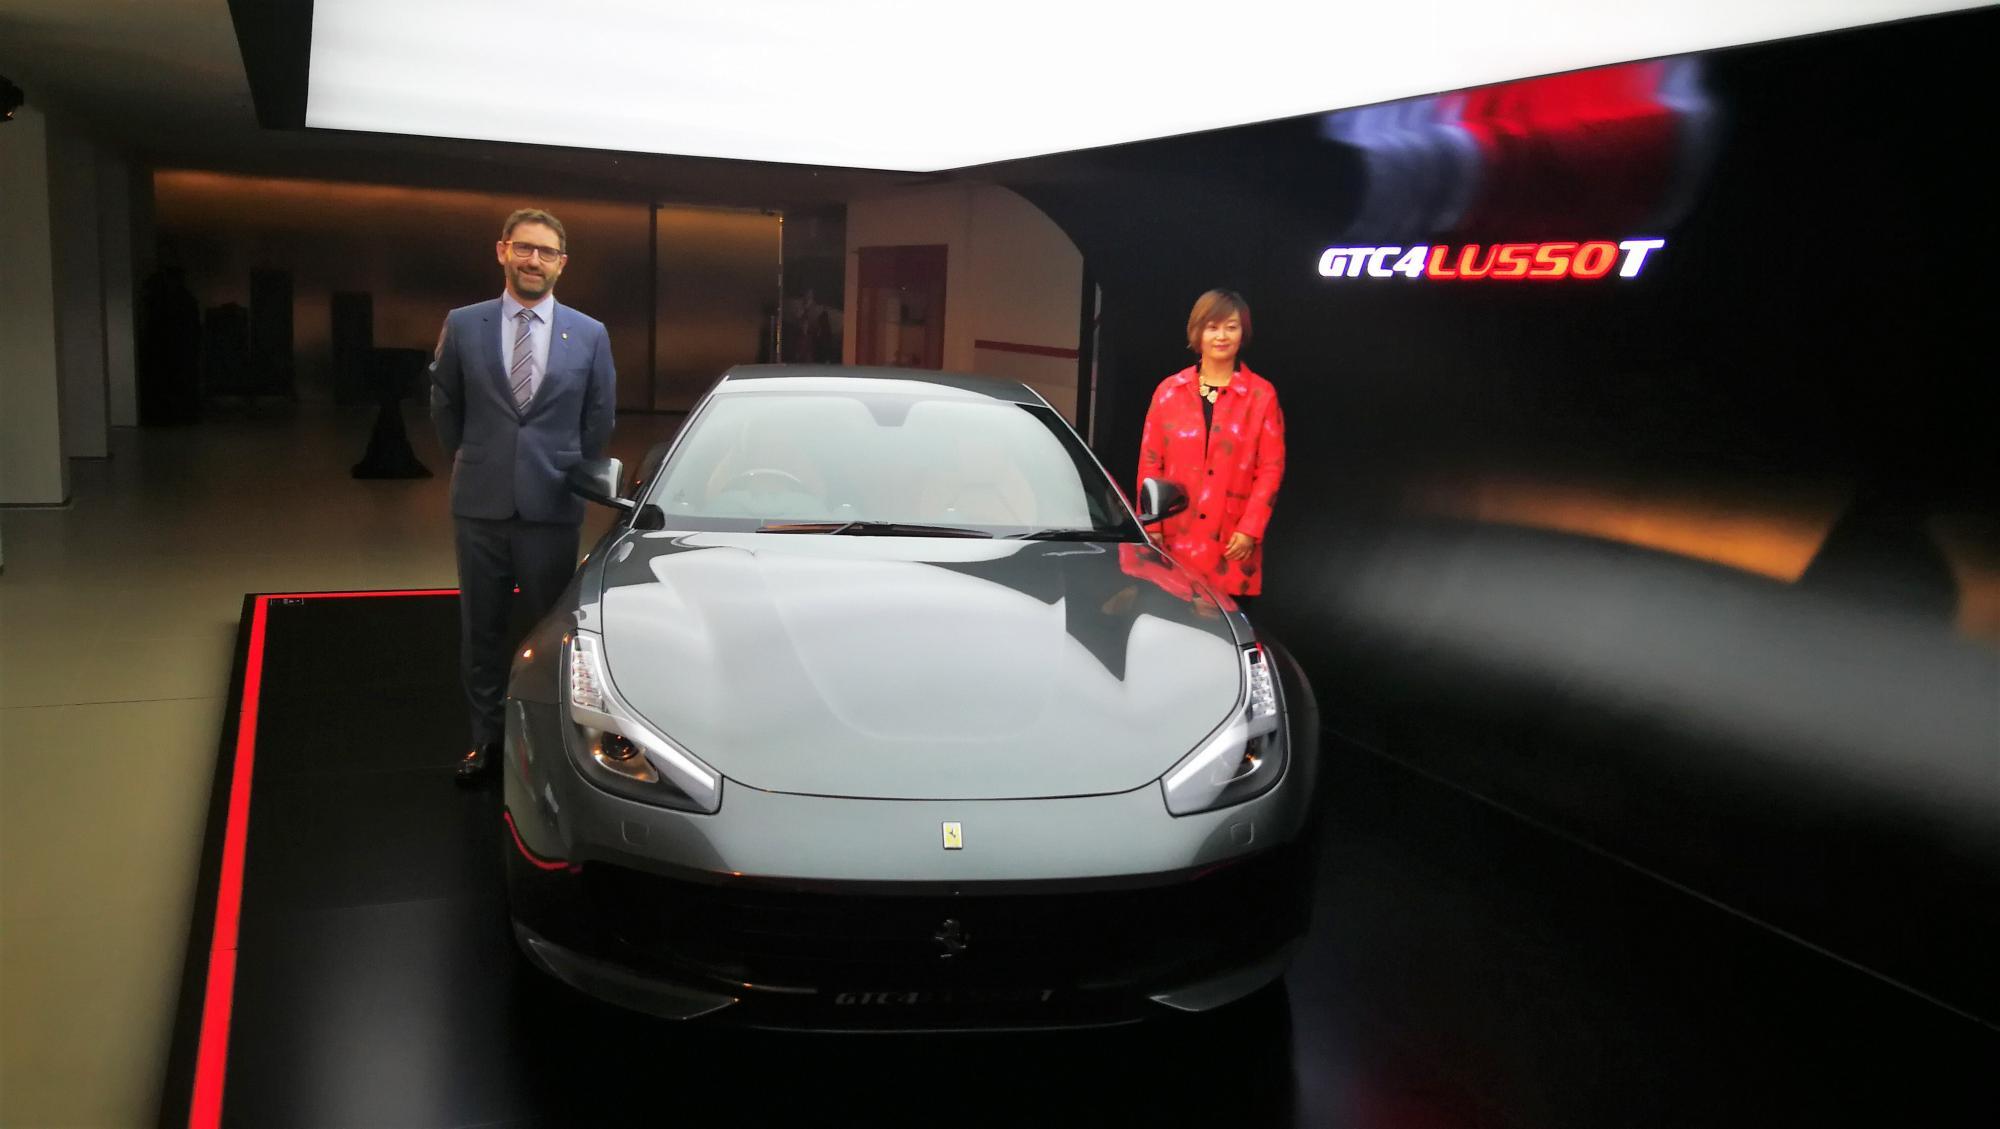 由Sales Director of Ferrari Greater China Angela Dong及General Brand Manager Jon Chester為GTC4 Lusso T揭幕。